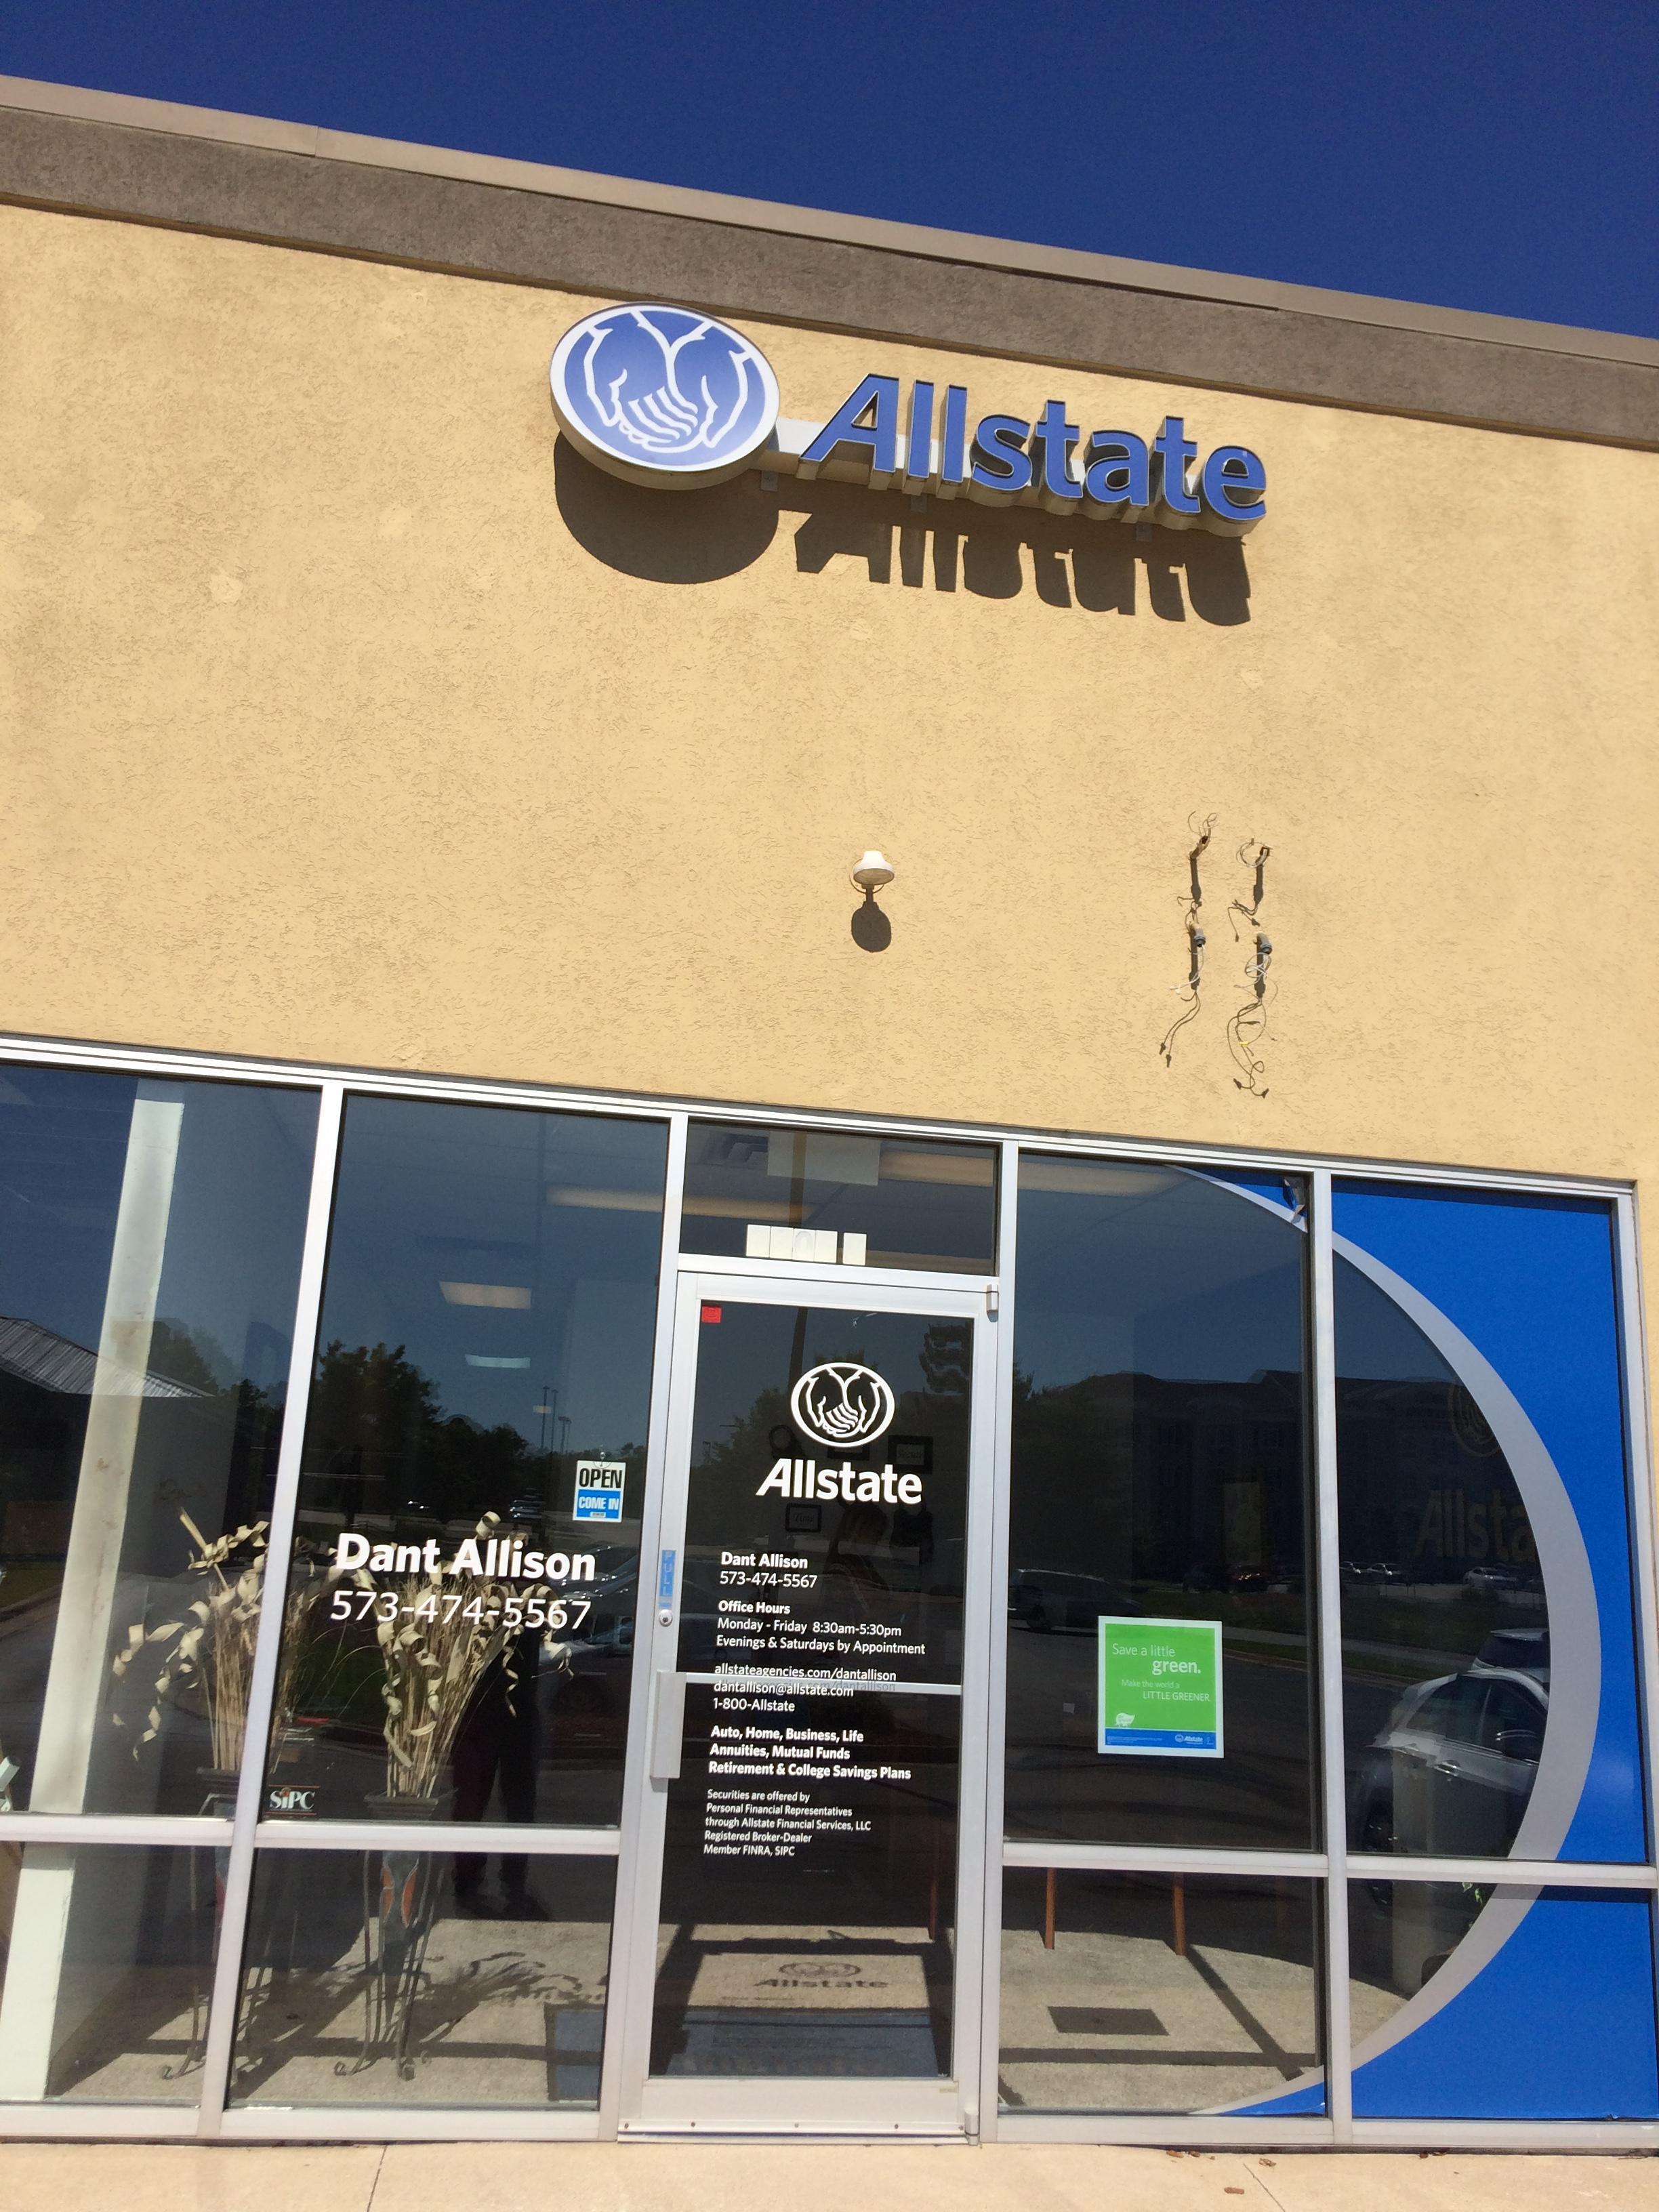 Dant Allison: Allstate Insurance image 1